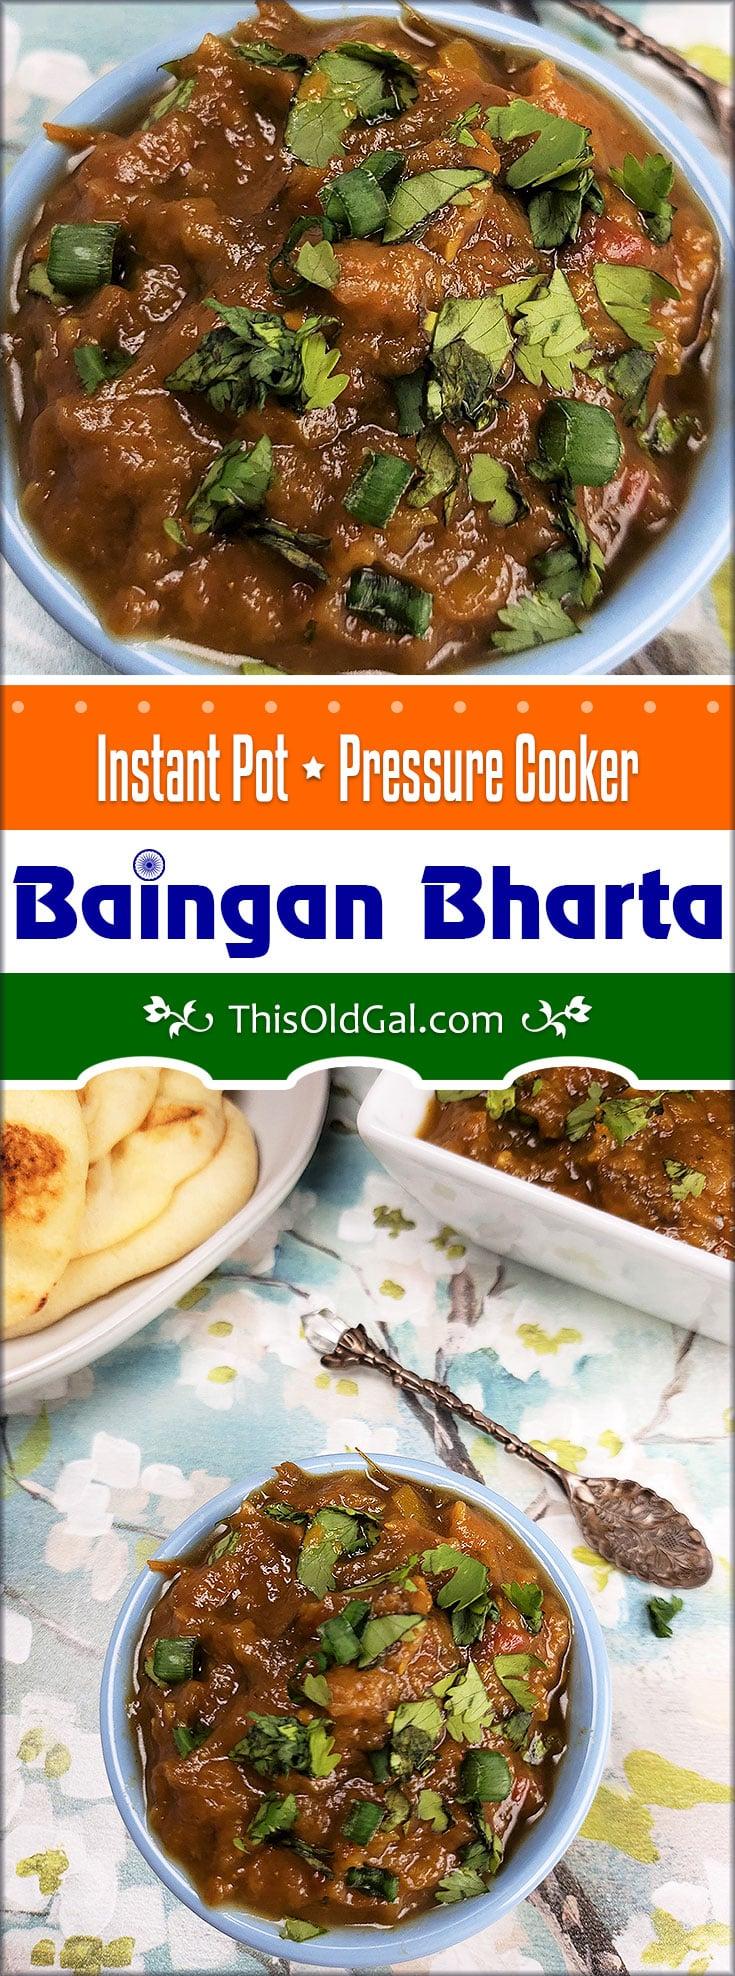 Instant Pot Pressure Cooker Baingan Bharta Mealthy Pot